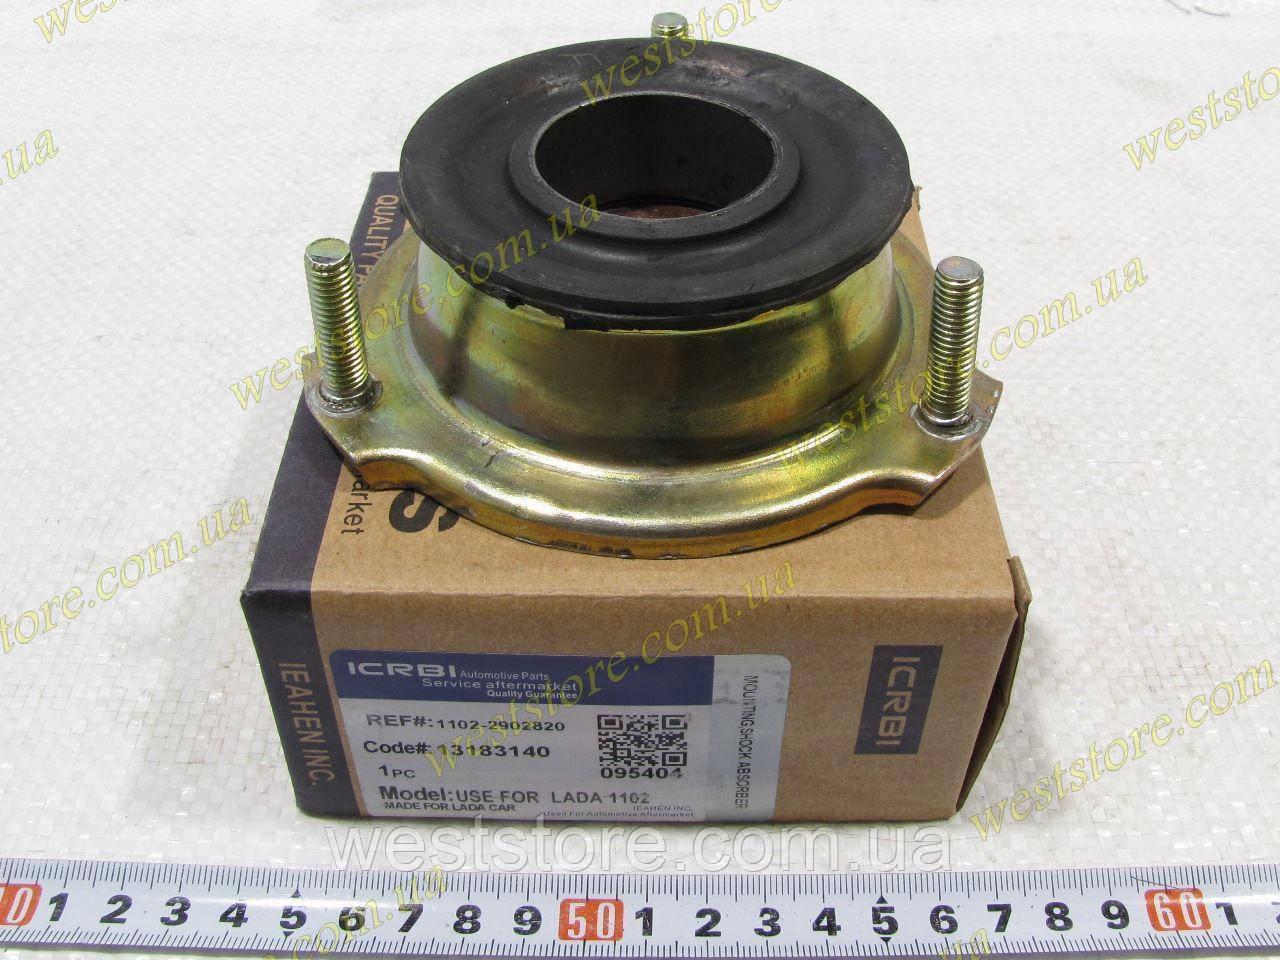 Опора переднего амортизатора (стойки) Заз 1102,1103 Таврия Славута ICRBI